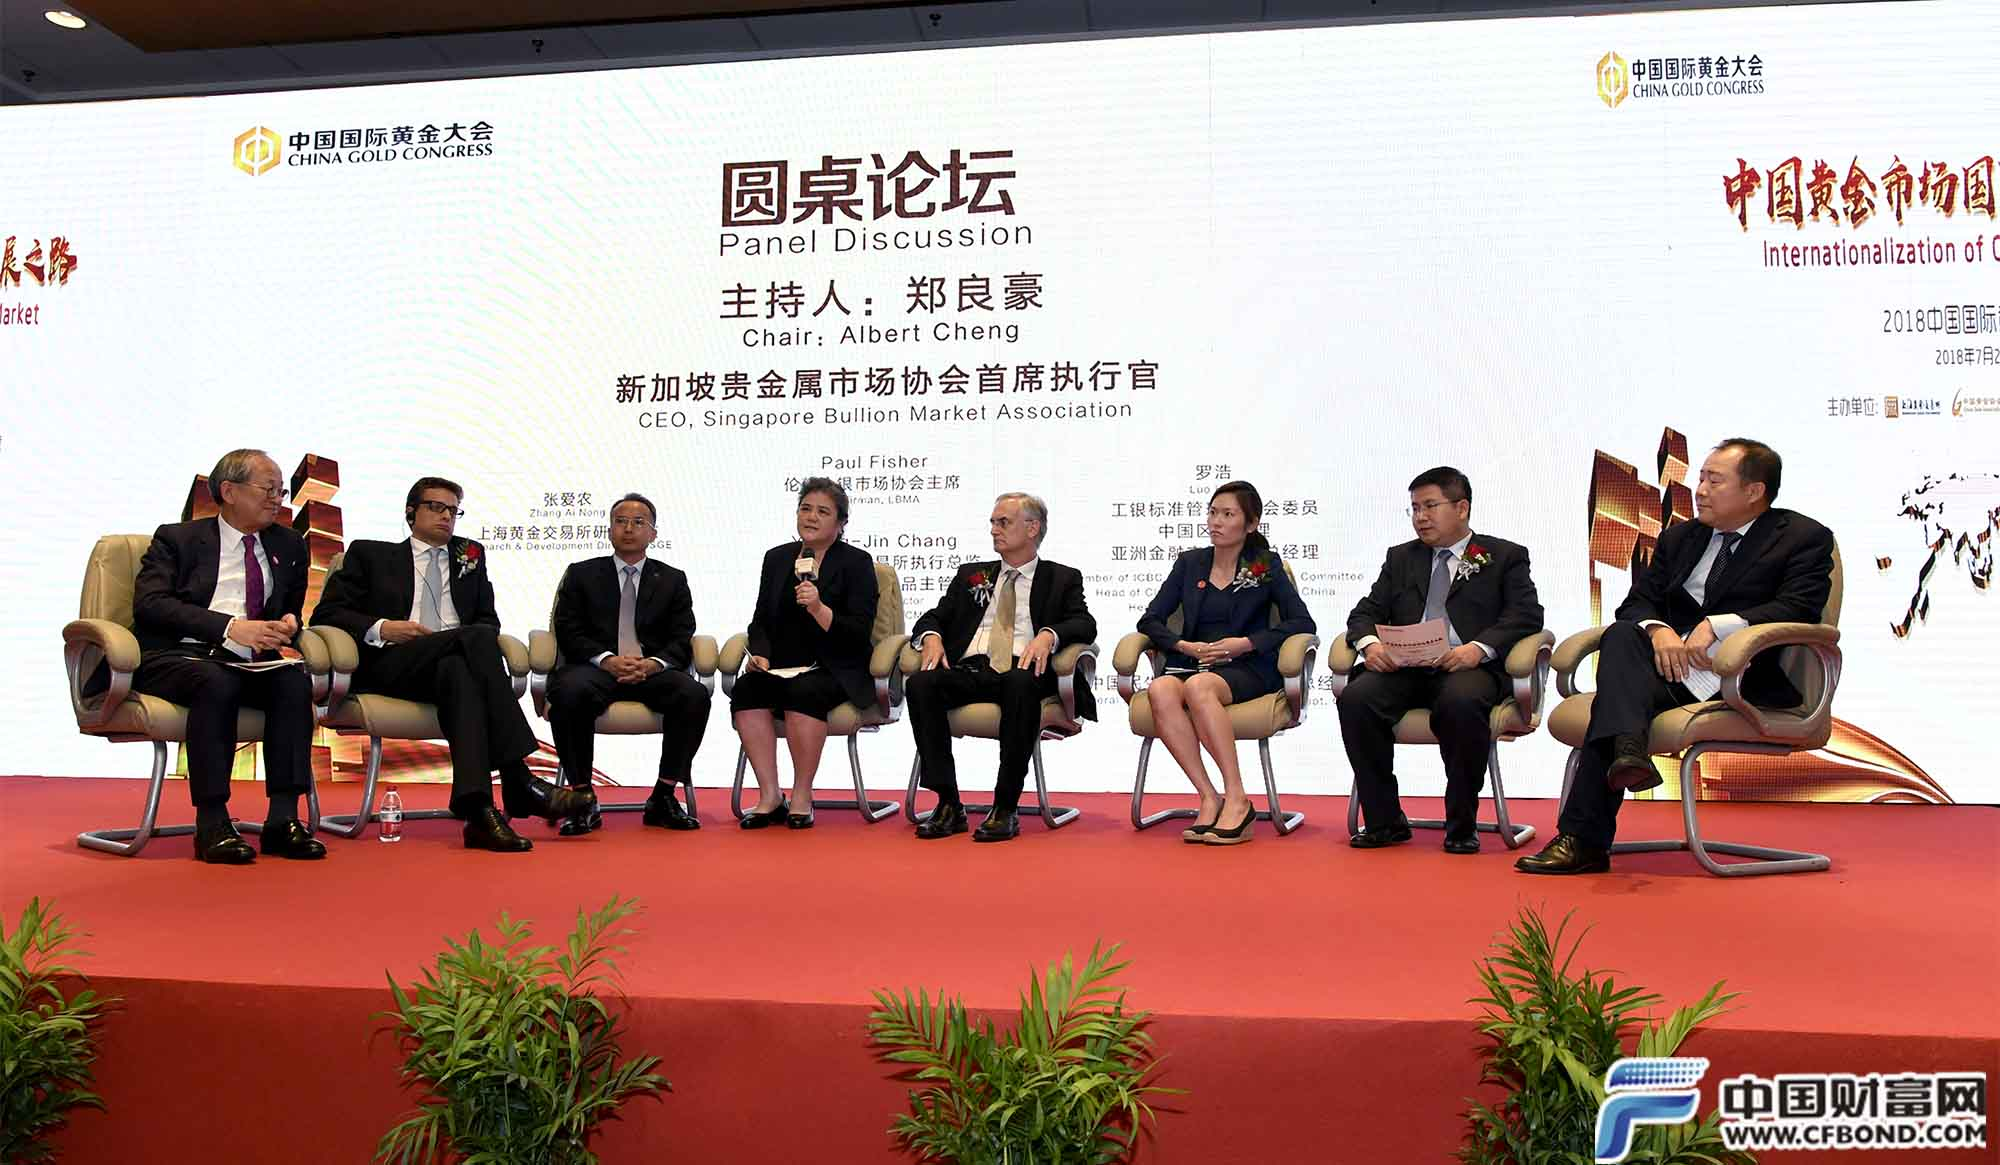 圆桌论坛:中国黄金市场国际化发展之路